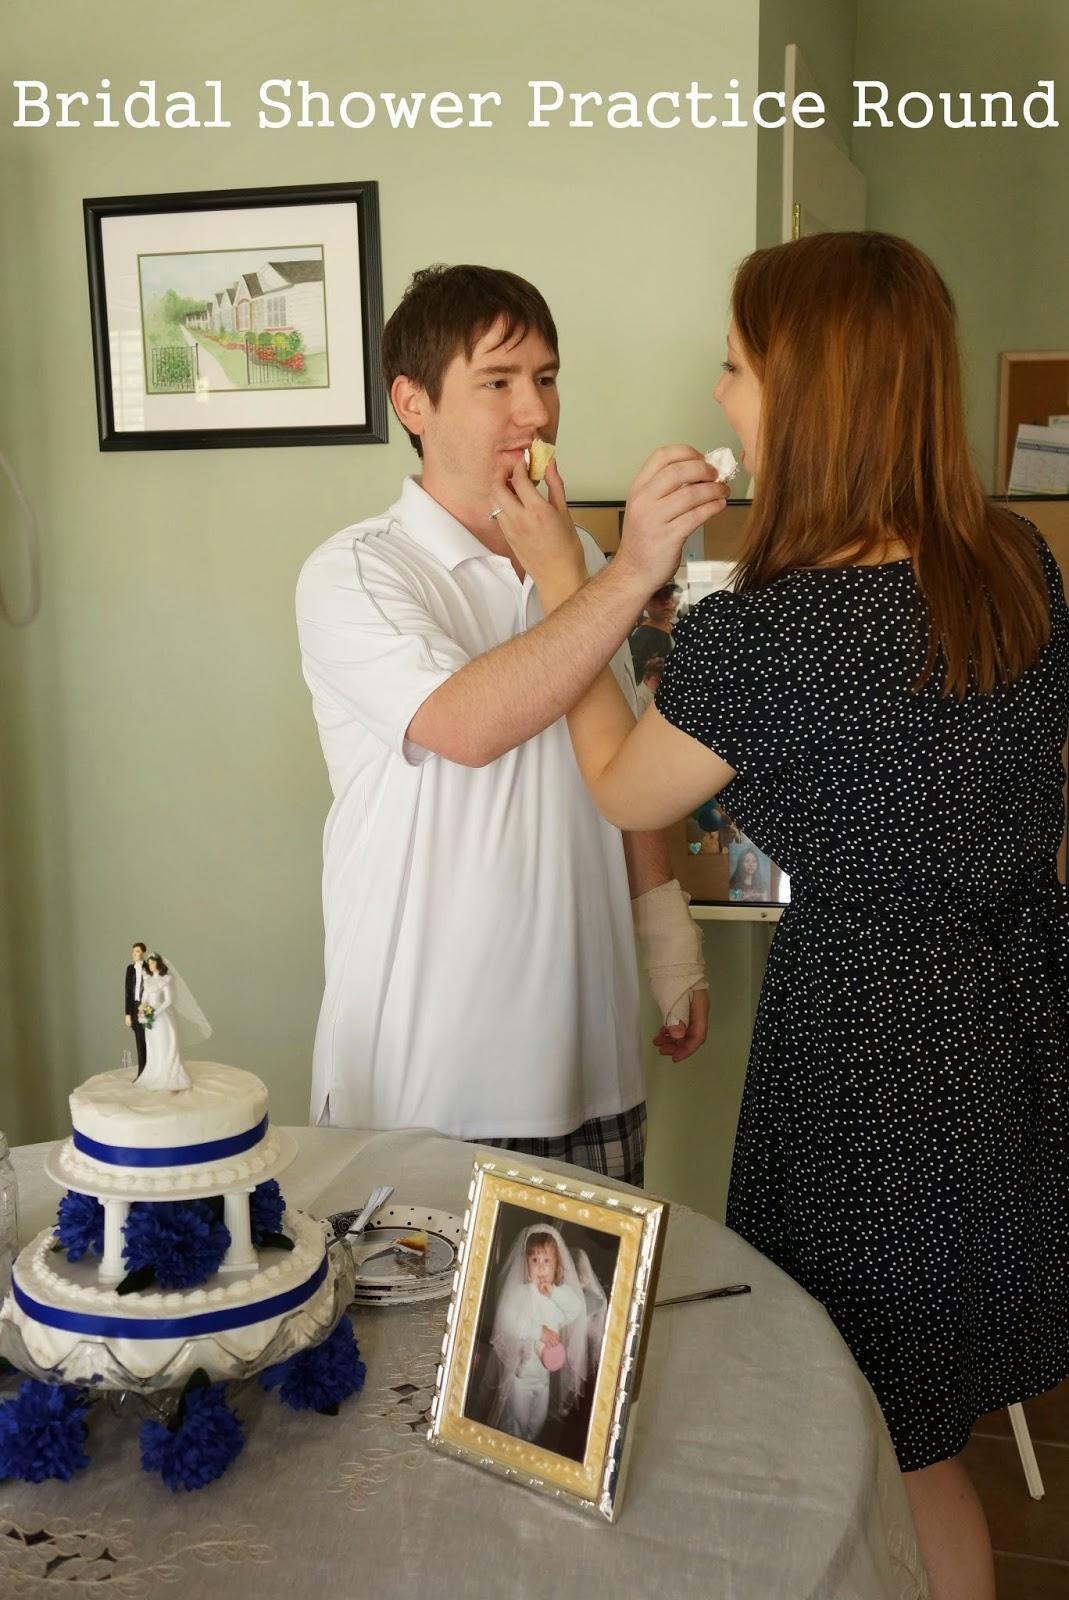 bridal shower brunch food and games